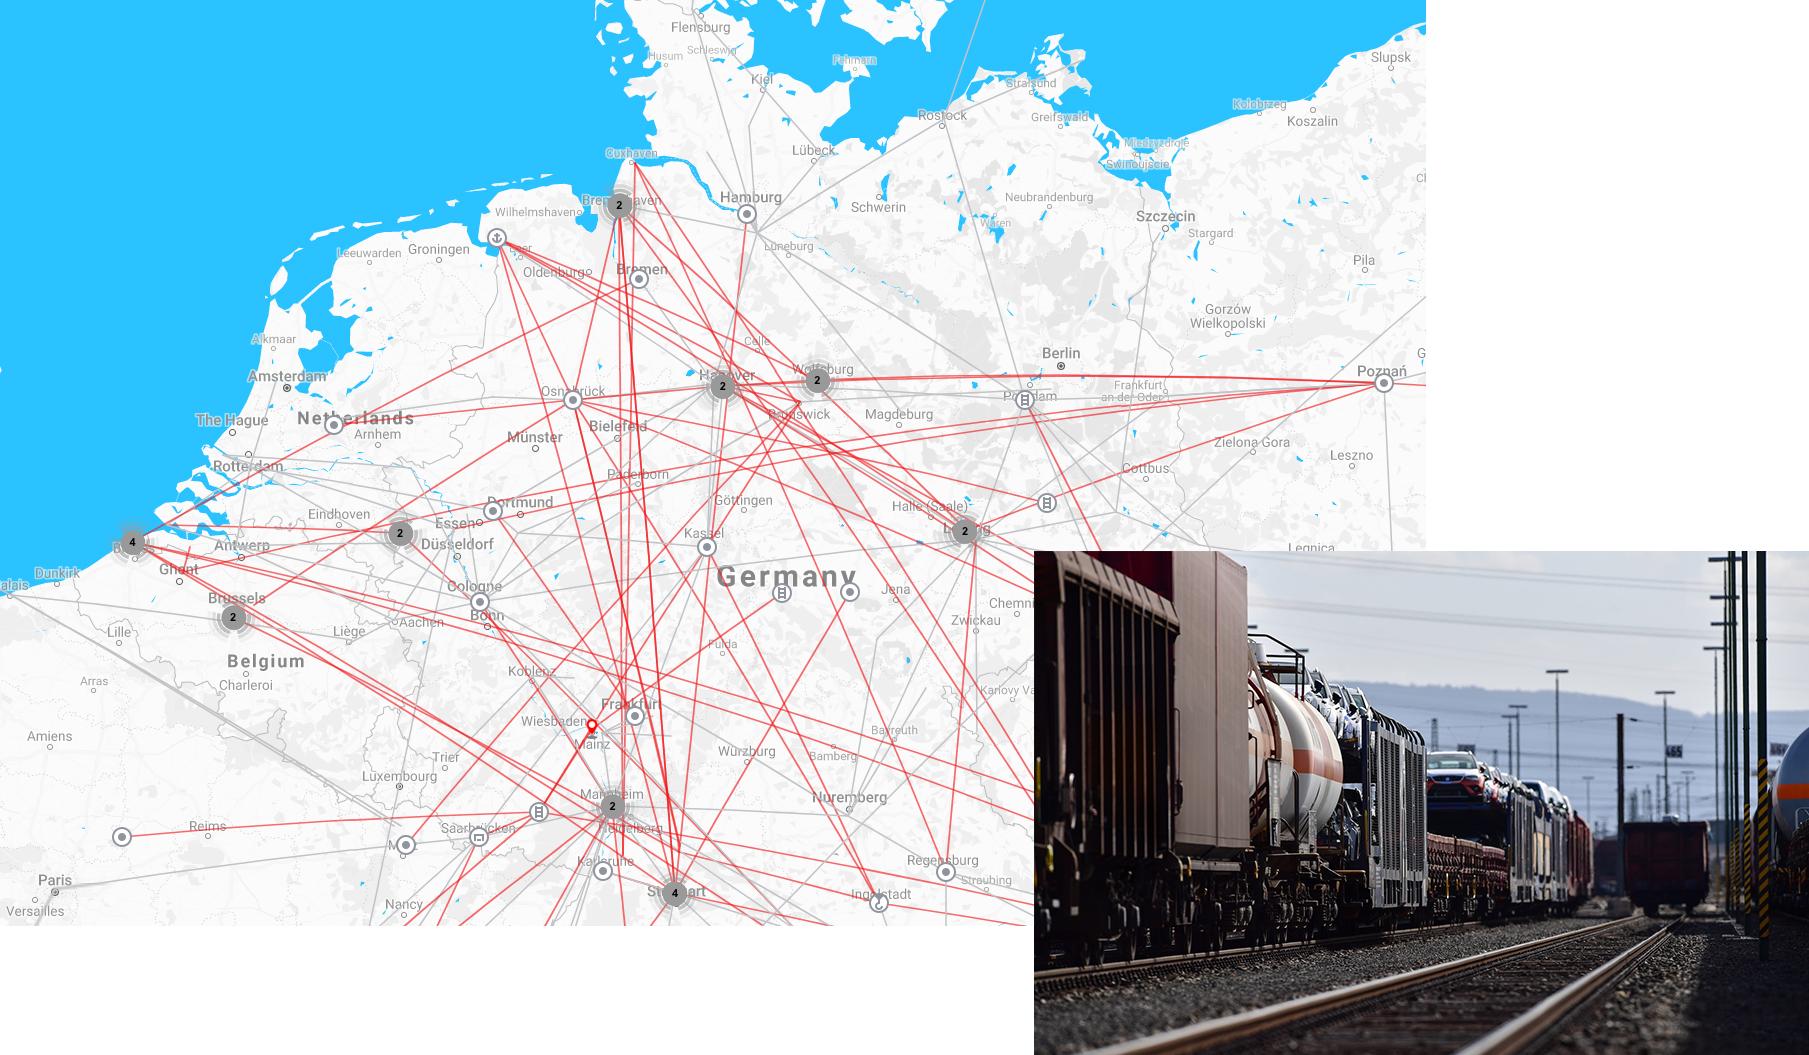 Karte von Mitteleuropa und Bild eines Zuges